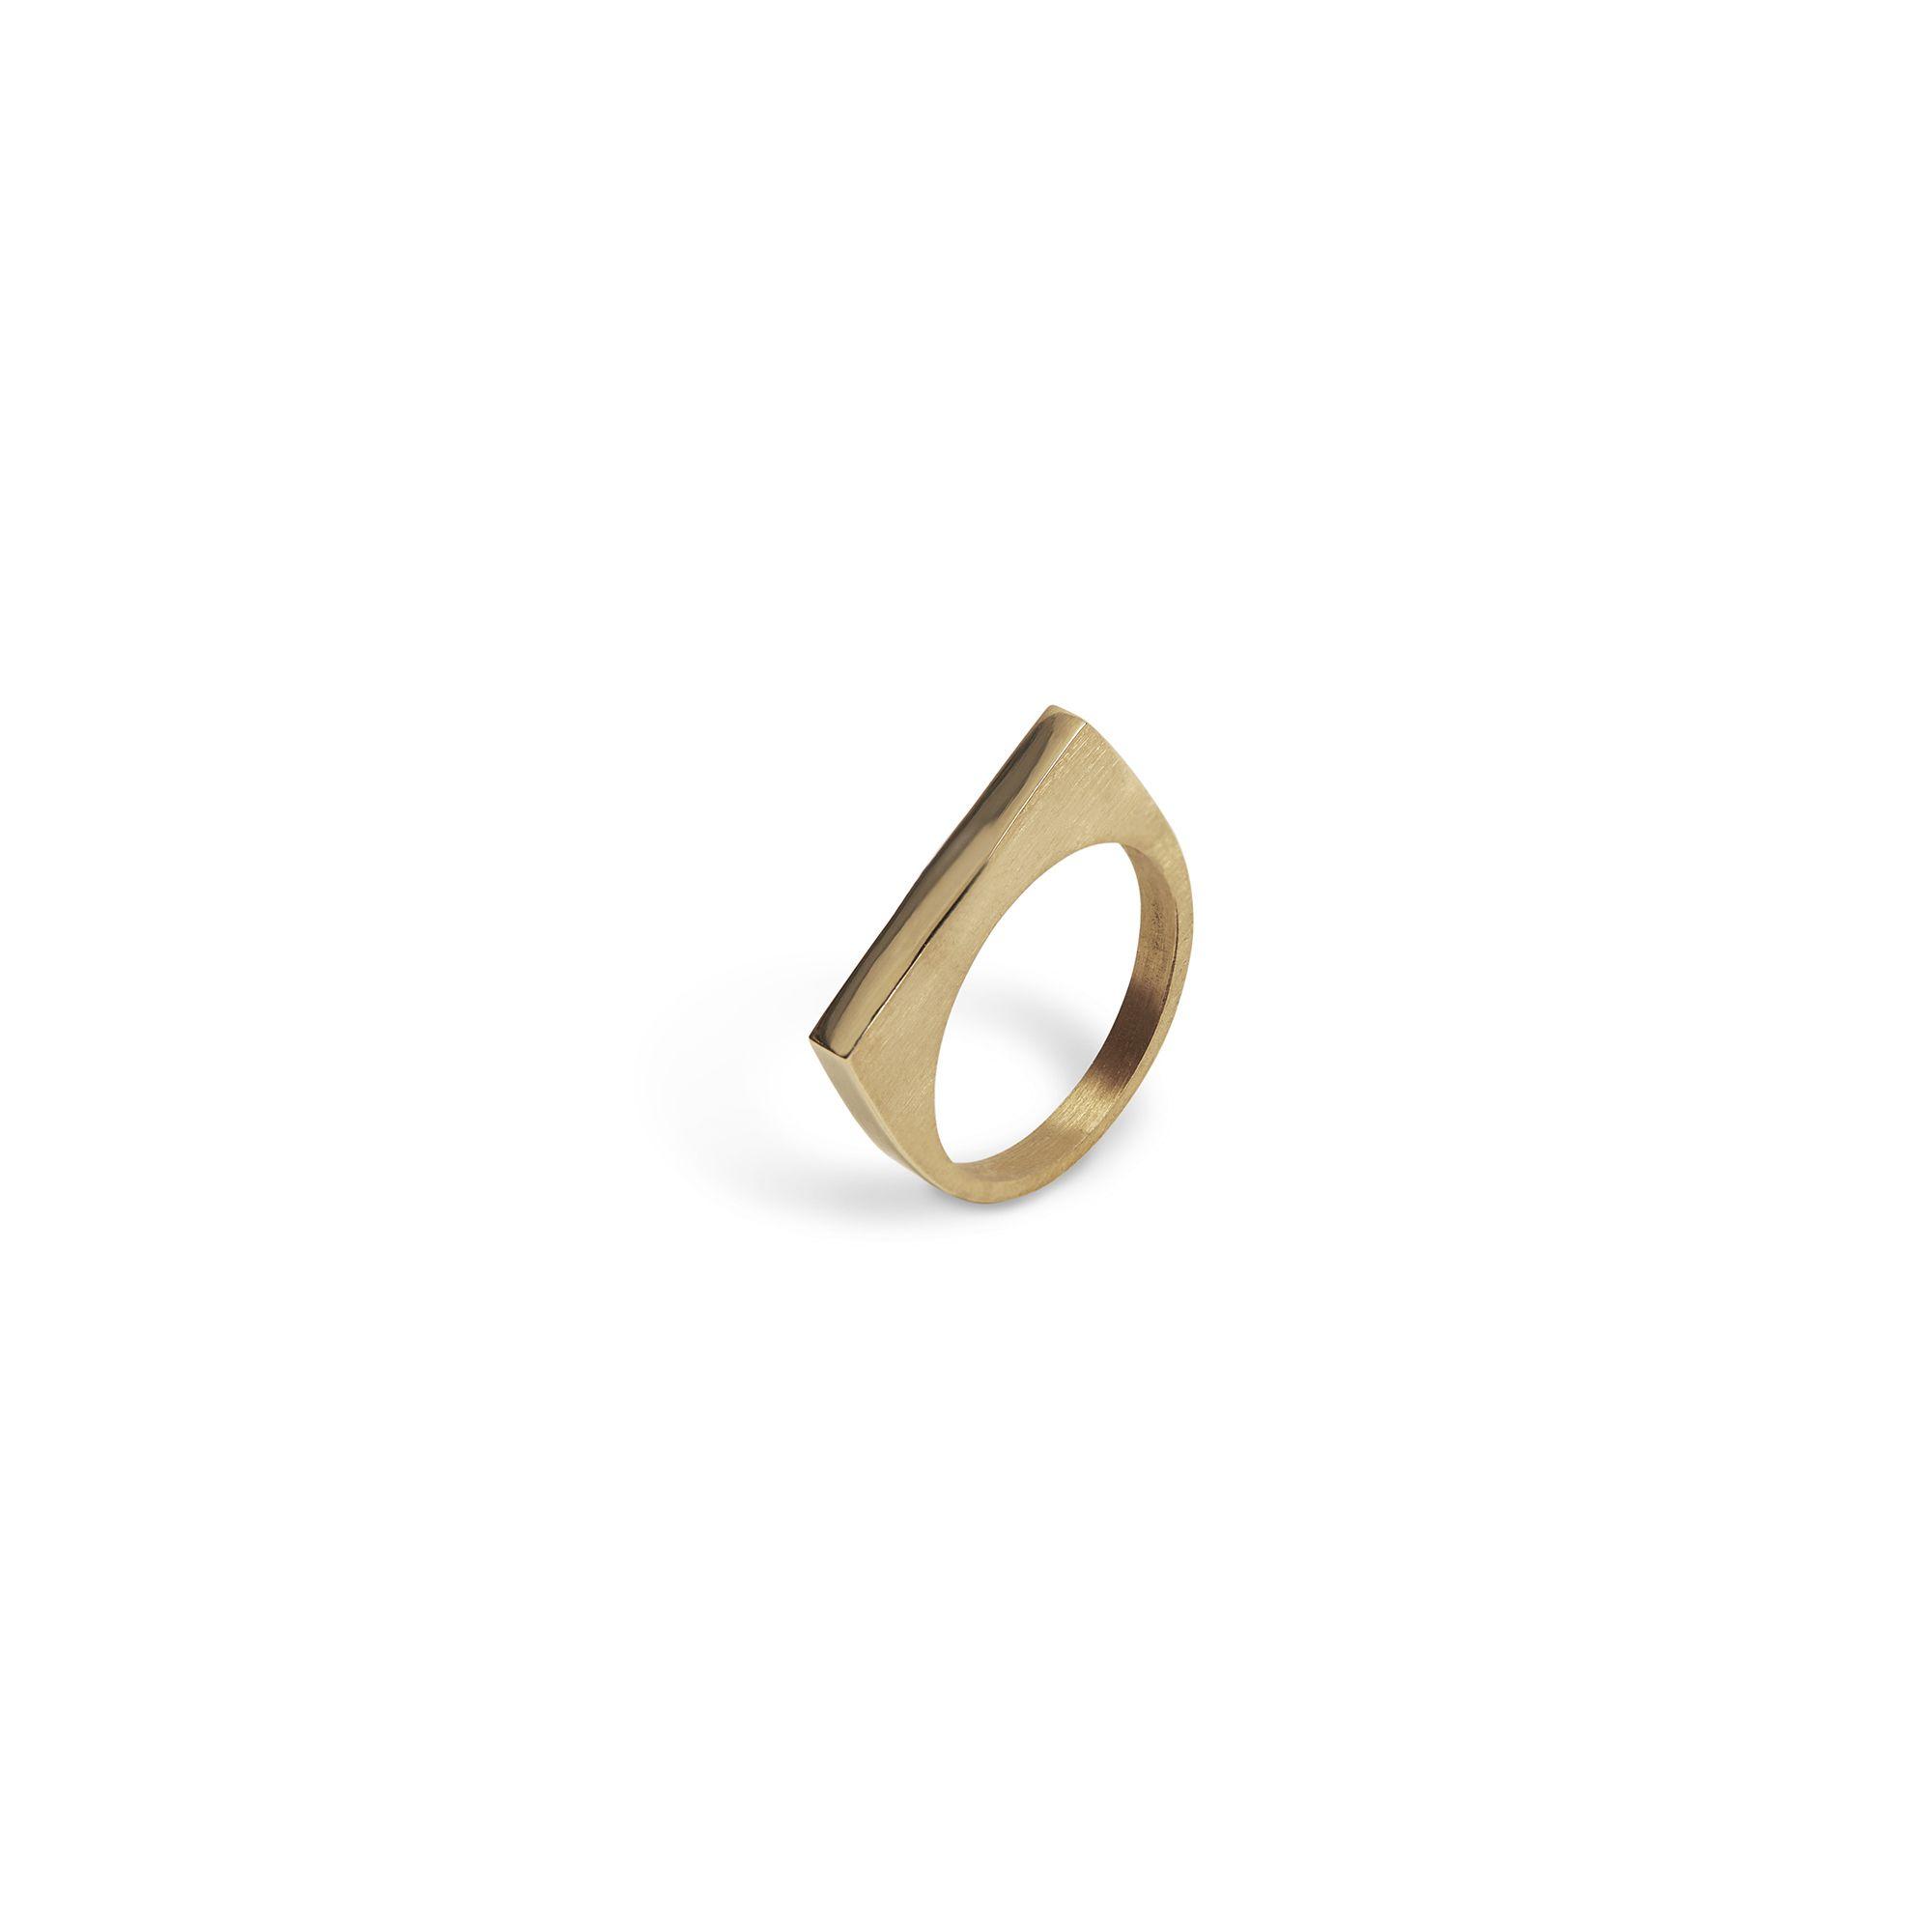 Modular 'Congiunzioni' square ring Bronze ring